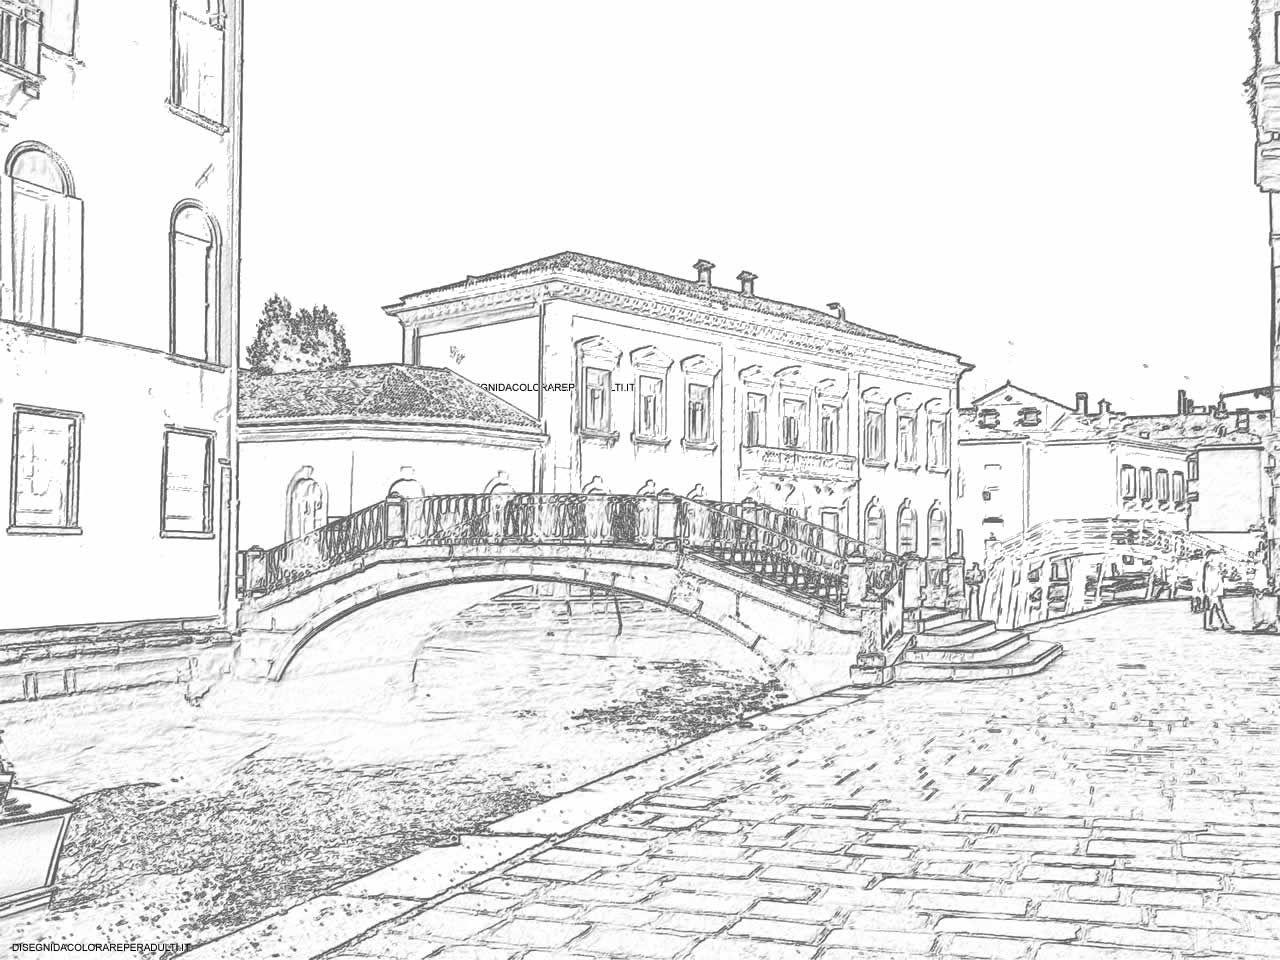 Venice Sketching Drawings